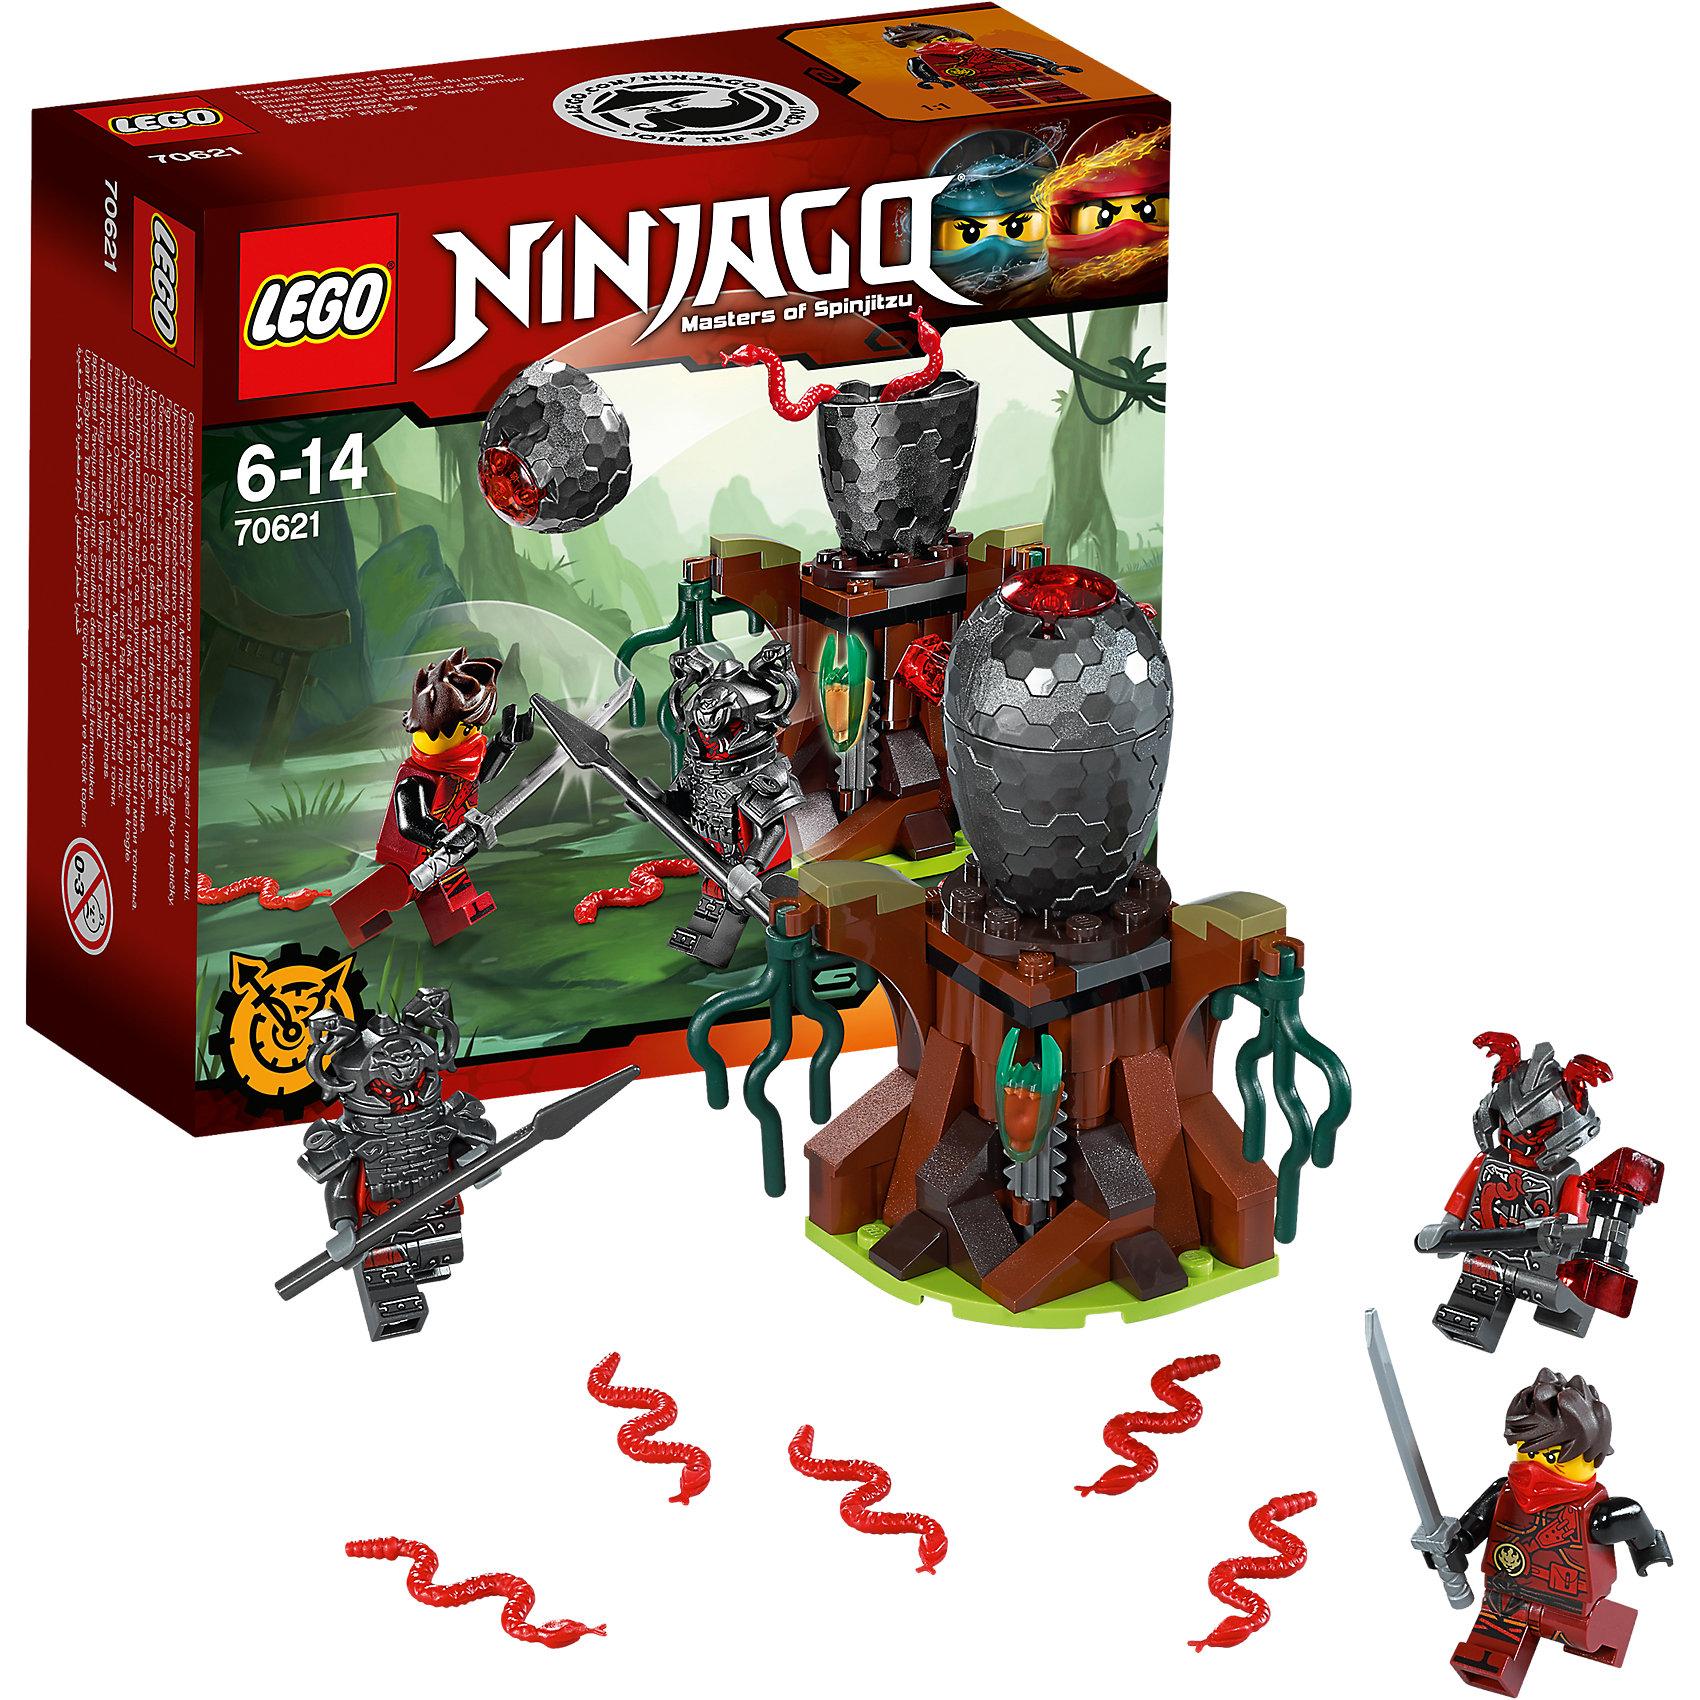 LEGO NINJAGO 70621: Атака Алой армииПластмассовые конструкторы<br>LEGO NINJAGO 70621: Атака Алой армии<br><br>Характеристики:<br><br>- в набор входит: детали машины и подставки, 3 минифигурки, 1 клинок времени, аксессуары, красочная инструкция по сборке<br>- минифигурки набора: Кай, Риветт, Слэкджо<br>- состав: пластик<br>- количество деталей: 83<br>- размер яйца вермиллионов: 10 * 7 * 7 см. <br>- для детей в возрасте: от 6 до 14 лет<br>- Страна производитель: Дания/Китай/Чехия<br><br>Легендарный конструктор LEGO (ЛЕГО) представляет серию «NINJAGO» (Ниндзяго) - это увлекательный мир воинов ниндзя против зла. Ребенку понравятся разнообразие приключений и возможности новых игр. <br><br>Большой детализированный пень с водорослями и аксессуарами стал пристанищем для вермиллионов, на нем расположено их огромное яйцо. Внутри пня находится механизм, который открывает яйцо, как будто он само треснуло и раскрылось. Внутри яйца находится пять вермиллионов, красных болотных змей, с ними и придется бороться ниндзям. Новый костюм Кая очень ему идет, новые рисунки, отличная маска и объемная прическа делают его еще более реалистичным, он вооружен серебрянной катаной. <br><br>Злодей Риветт представлен в тяжелом доспехе, на его шлеме расположены две змеи, под доспехами фигурка разрисована и все еще выглядит угрожающе, у фигурки два выражения лица. Второй злодей, Слэкджо, выступает в объемном шлеме и с большим молотом, у него также два лица. С помощью особых сил они хотят завладеть временем и вселенной Ниндзяго. Помоги Каю применить клинок времени и победить злодеев Алой армии. <br><br>Играя с конструктором ребенок развивает моторику рук, воображение и логическое мышление, научится собирать по инструкции и создавать свои модели. Придумывайте новые истории любимых героев с набором LEGO «NINJAGO»!<br><br>Конструктор LEGO NINJAGO 70621: Атака Алой армии можно купить в нашем интернет-магазине.<br><br>Ширина мм: 159<br>Глубина мм: 142<br>Высота мм: 63<br>Вес г: 126<br>Возраст от месяцев: 